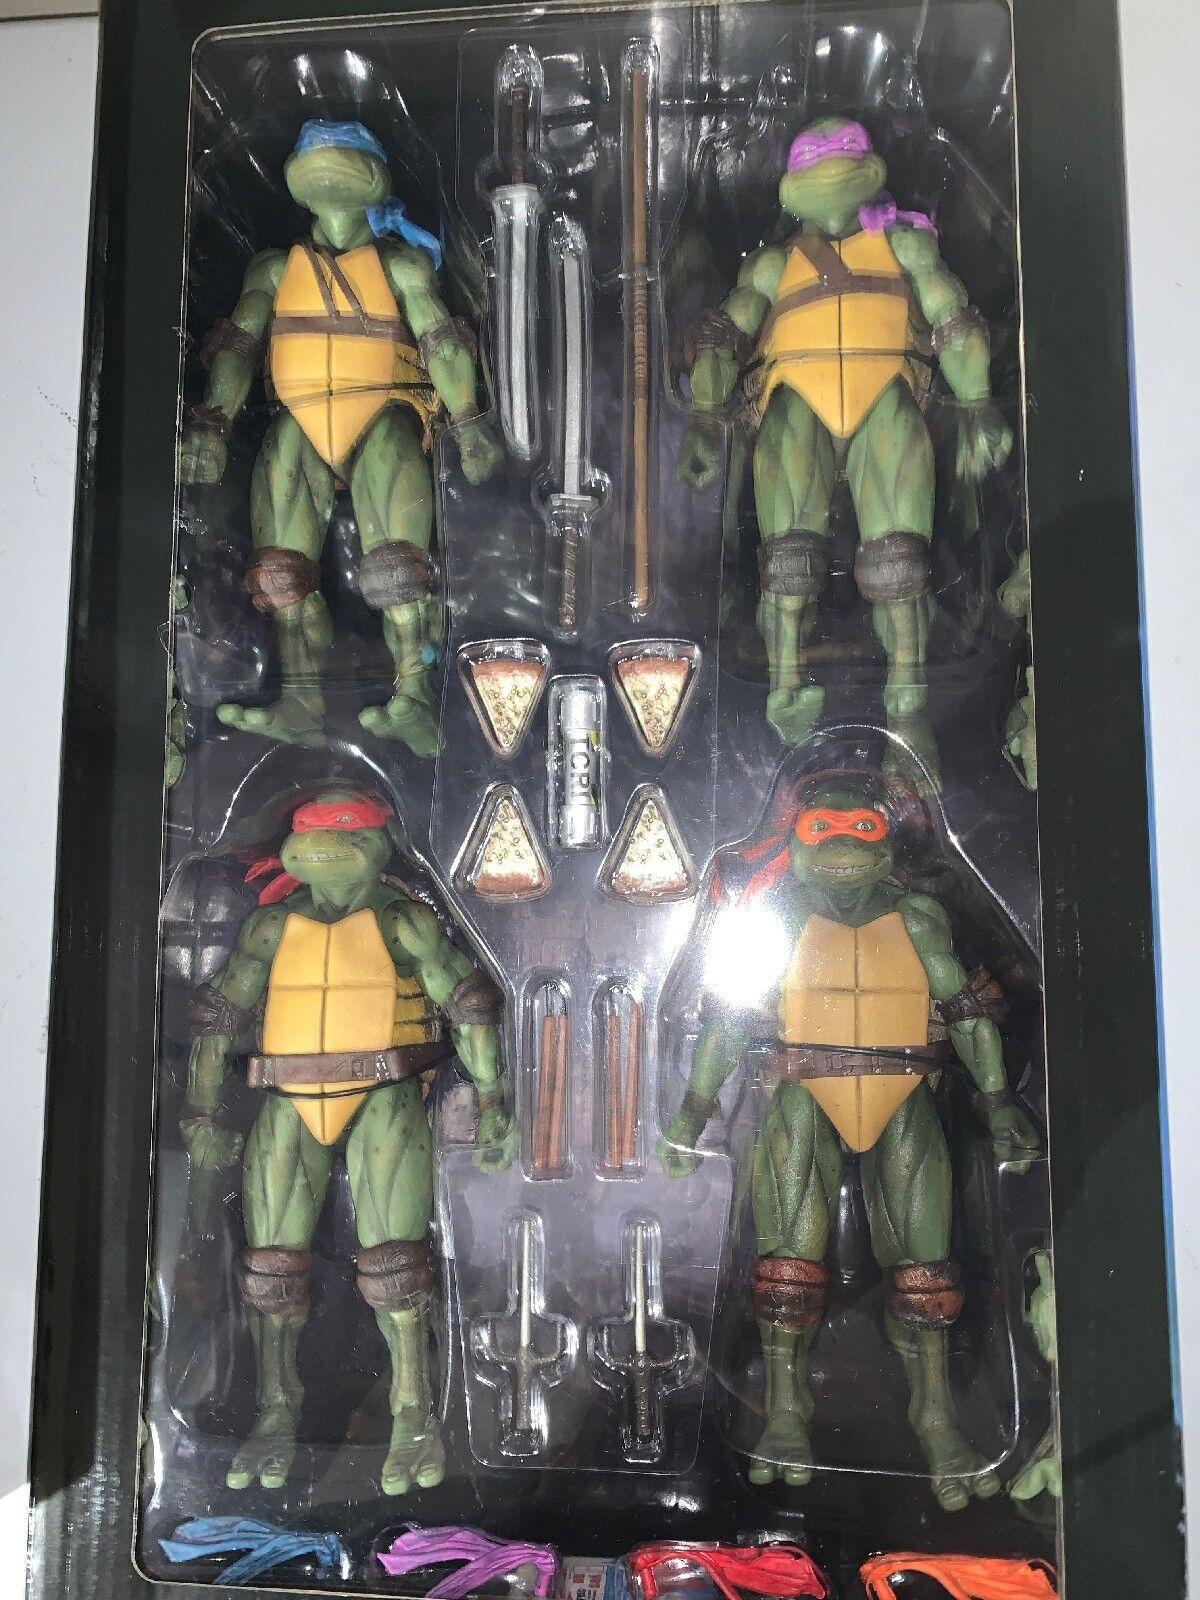 NECA Teenage Mutant Ninja Ninja Ninja Turtles The Movie 2018 SDCC Action Figure Set Exclusiv d5ae08